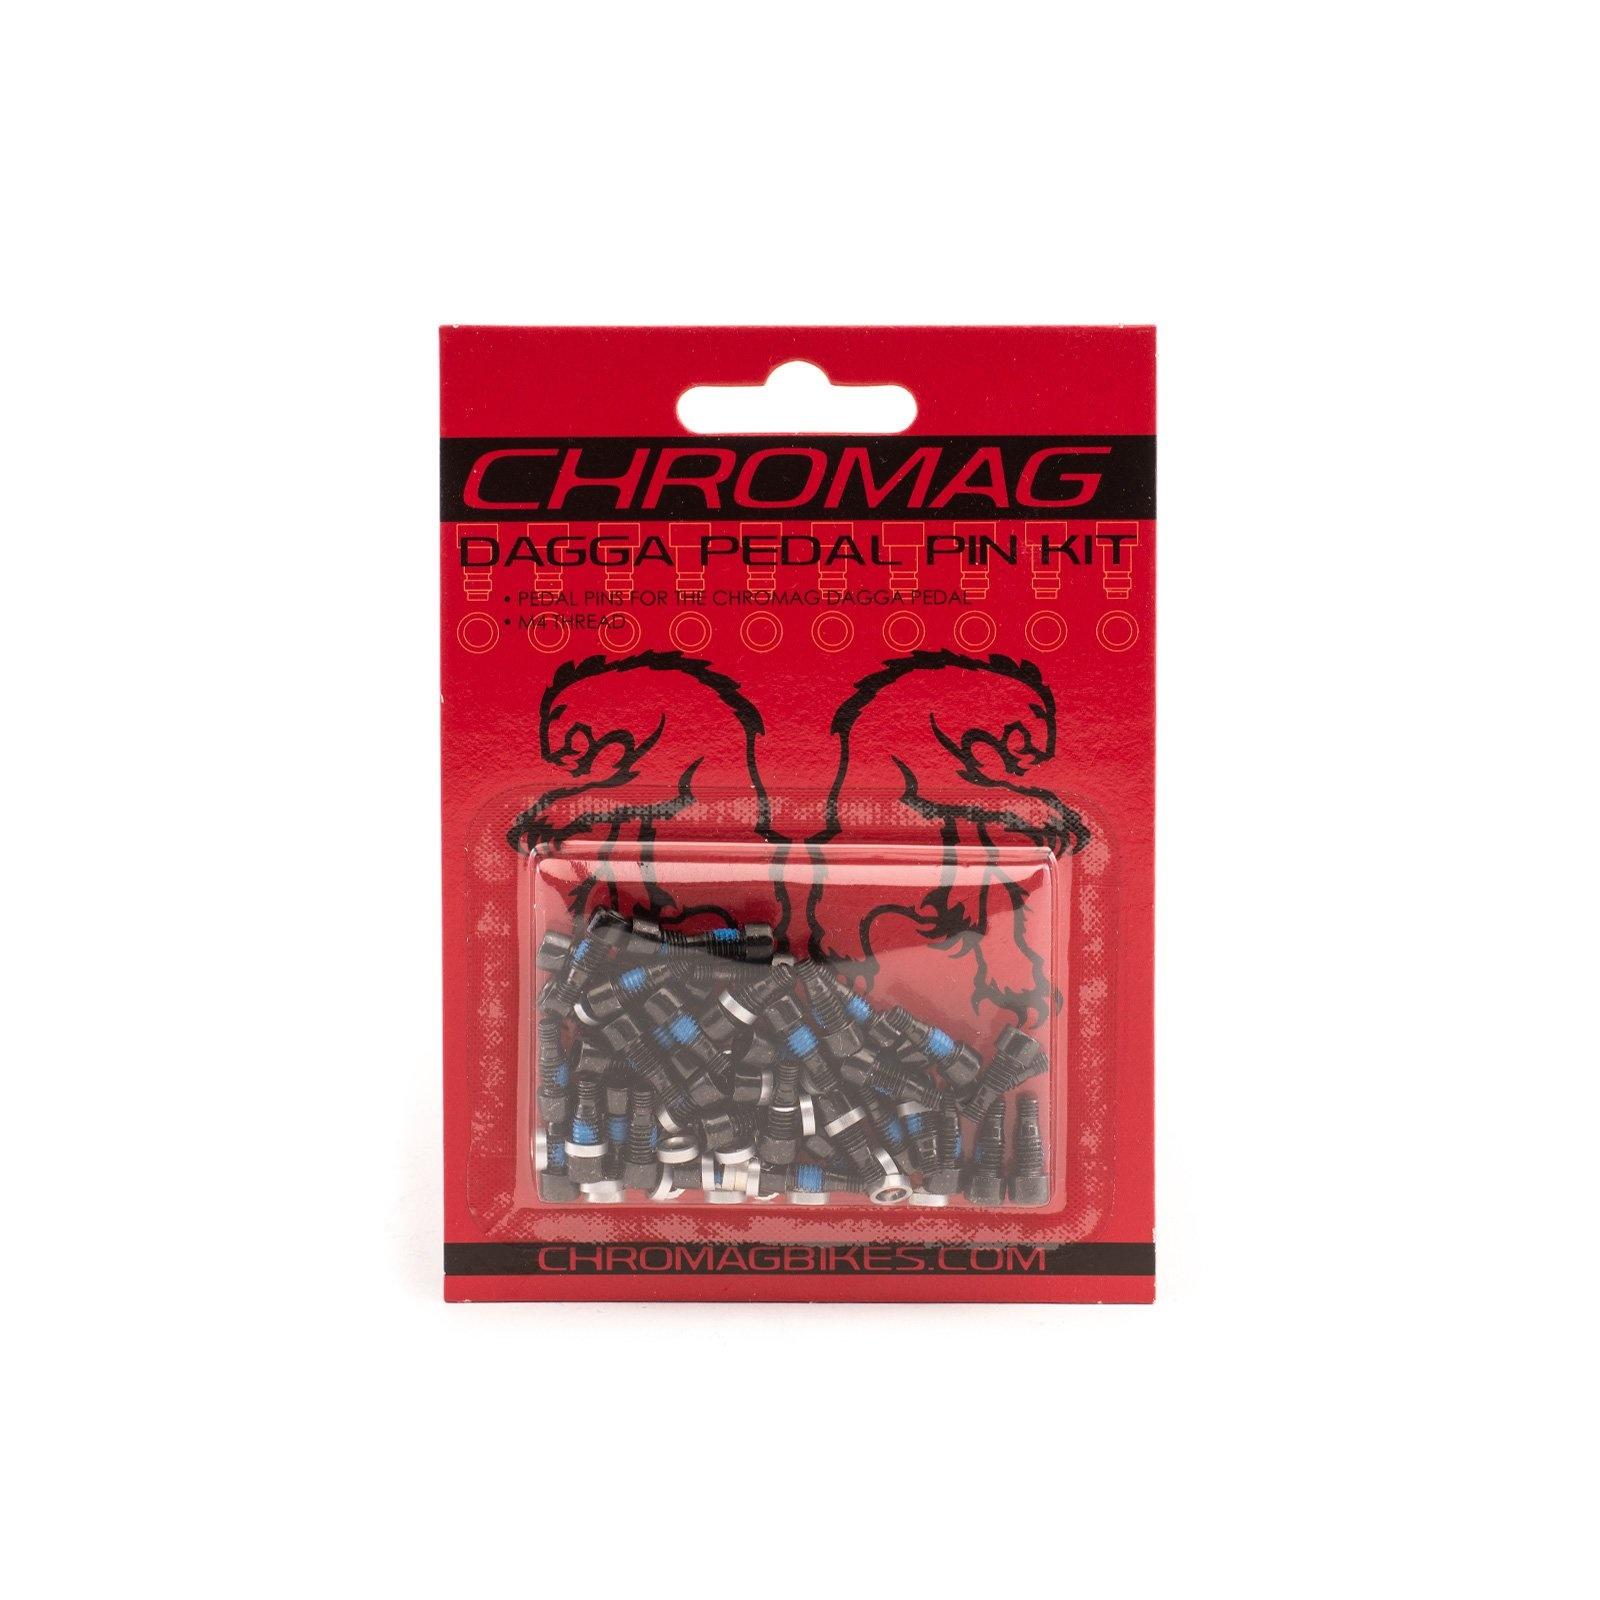 Chromag 40 pcs Dagga Pedal Pin Kit / Black-1